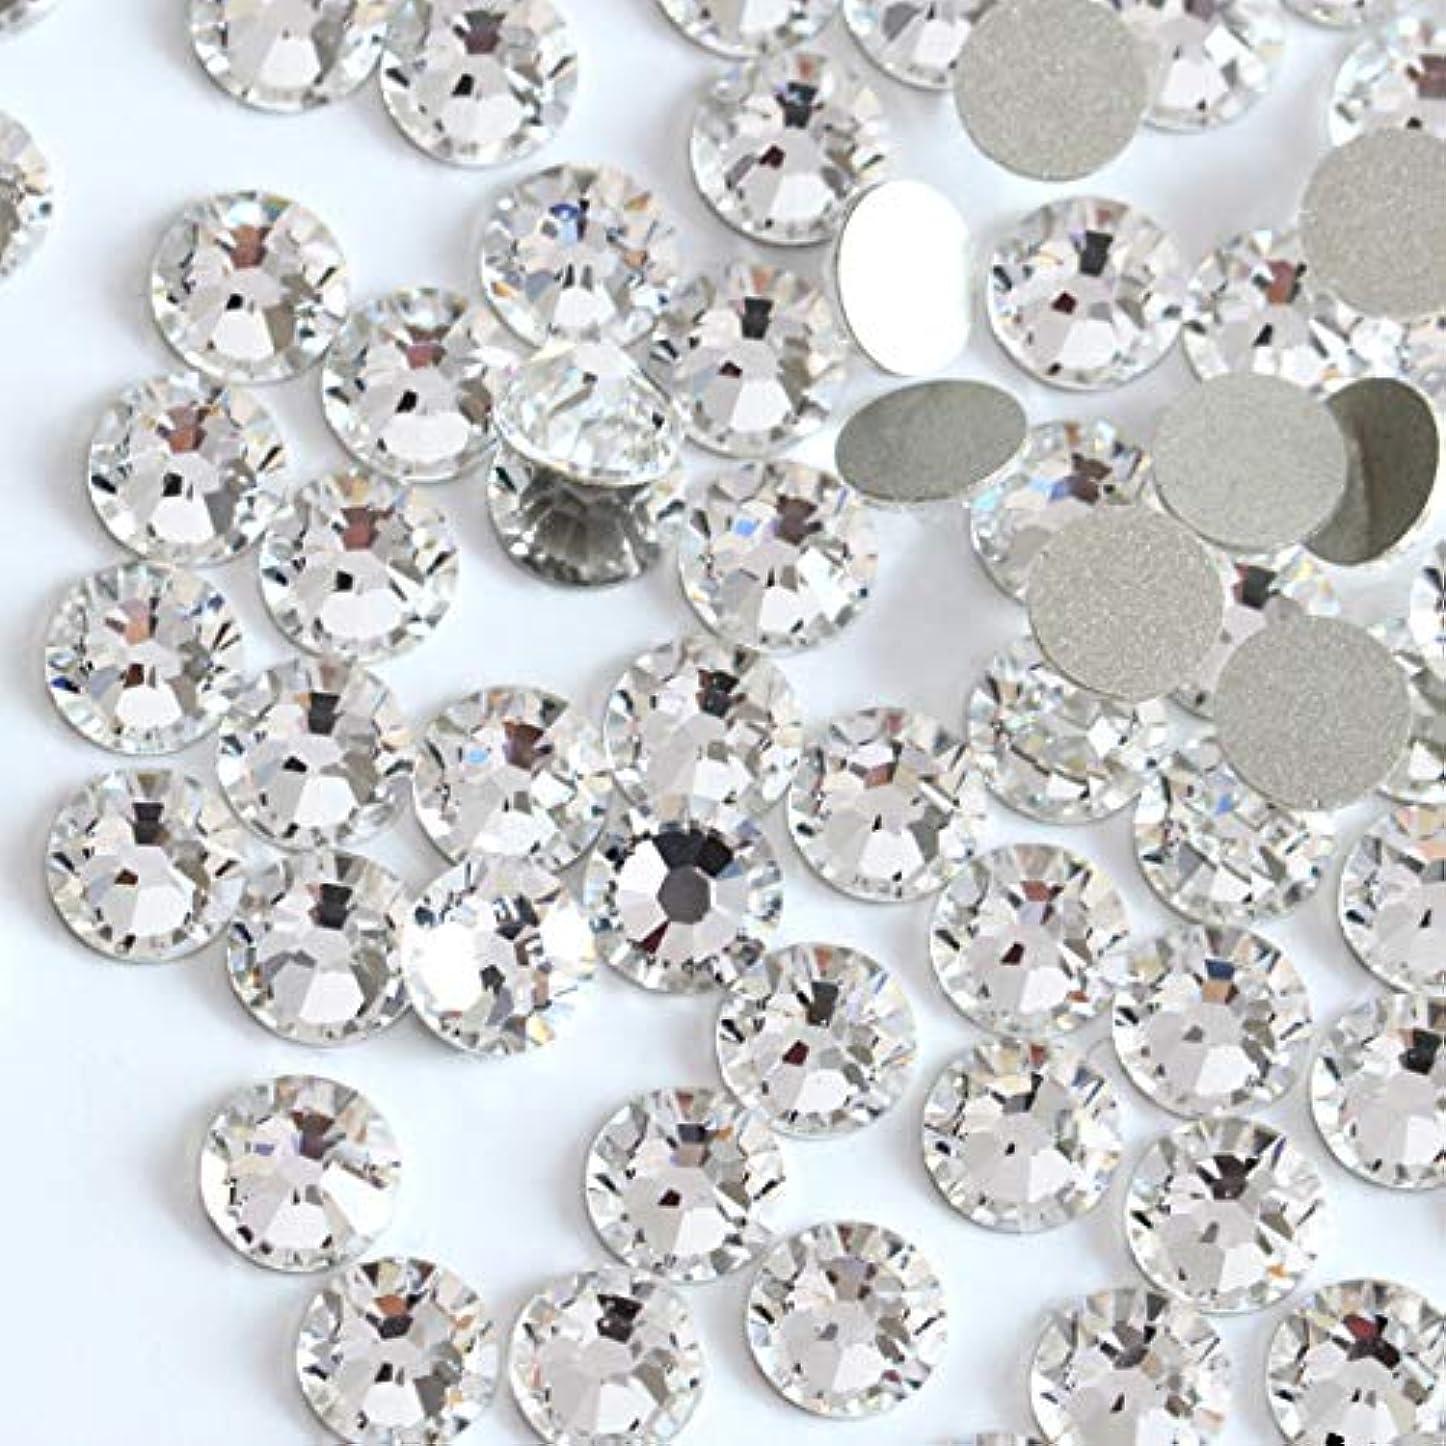 パズル代わって辛い【ラインストーン77】 高品質ガラス製ラインストーン クリスタル(7.1mm (SS34) 約30粒)